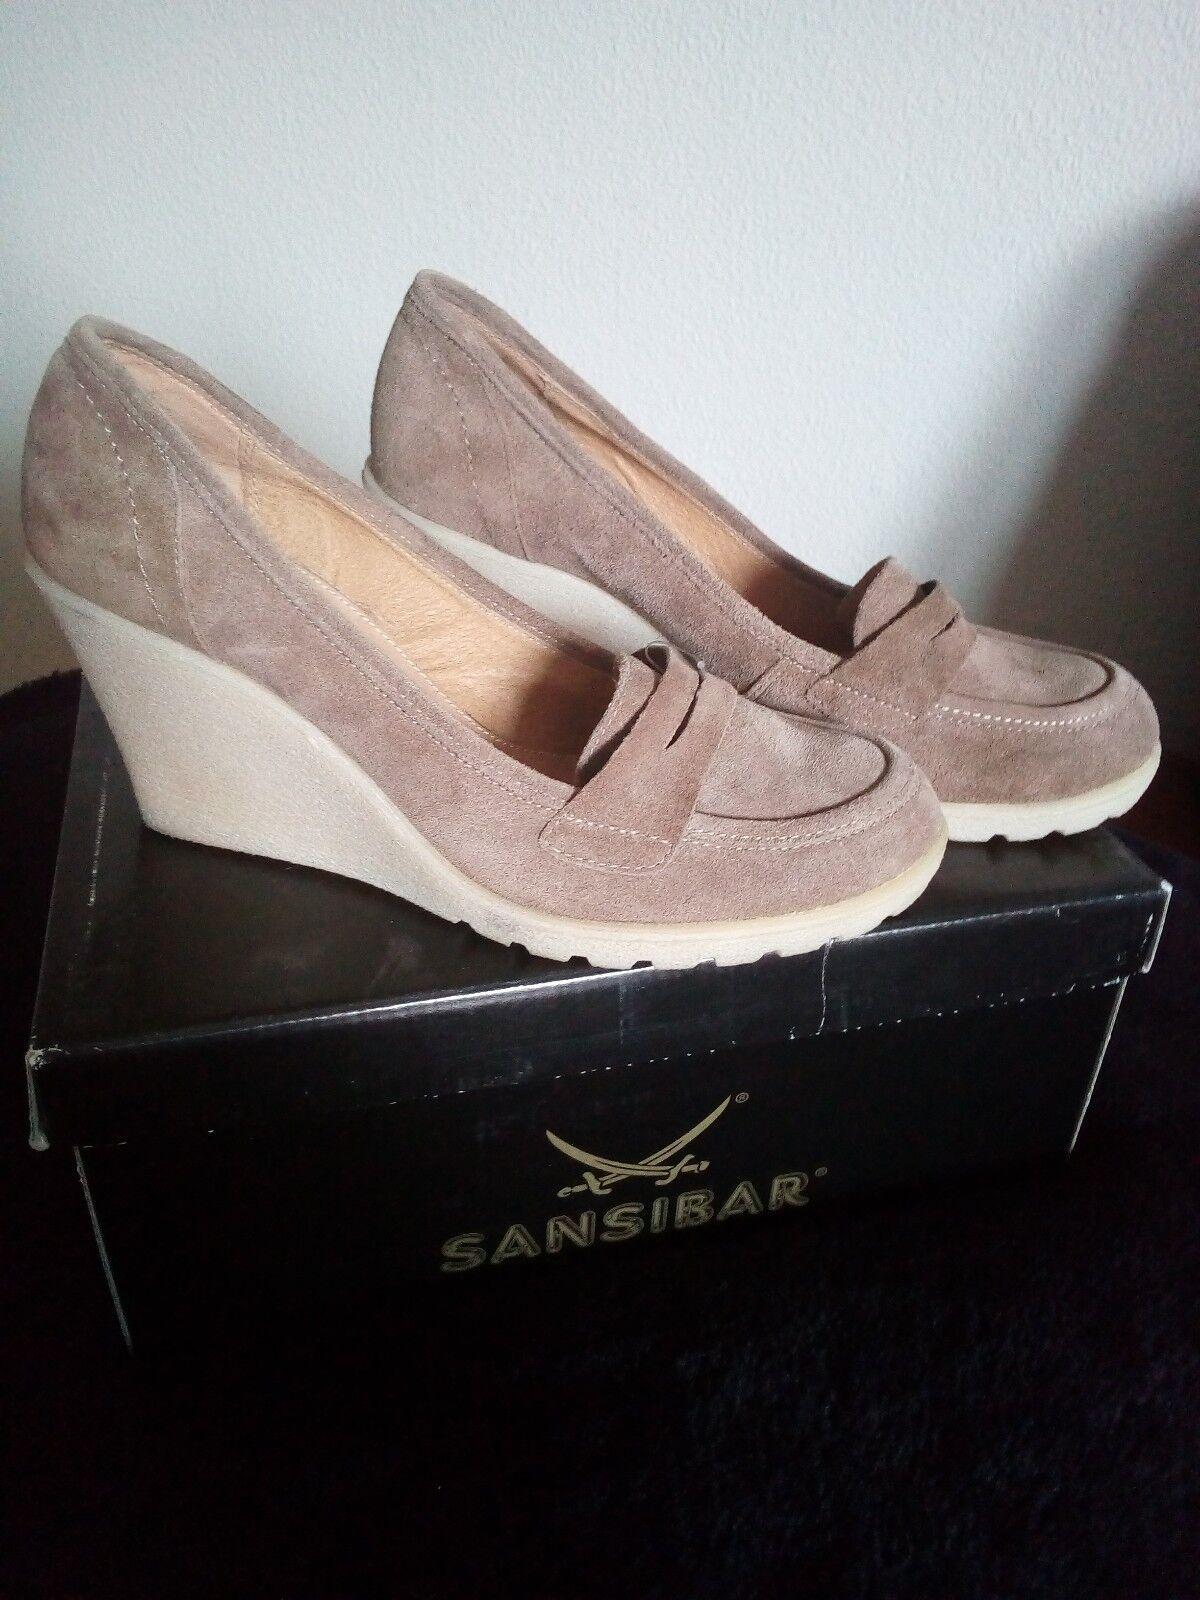 Sansibar 38 Pumps Leder Günstige und gute Schuhe